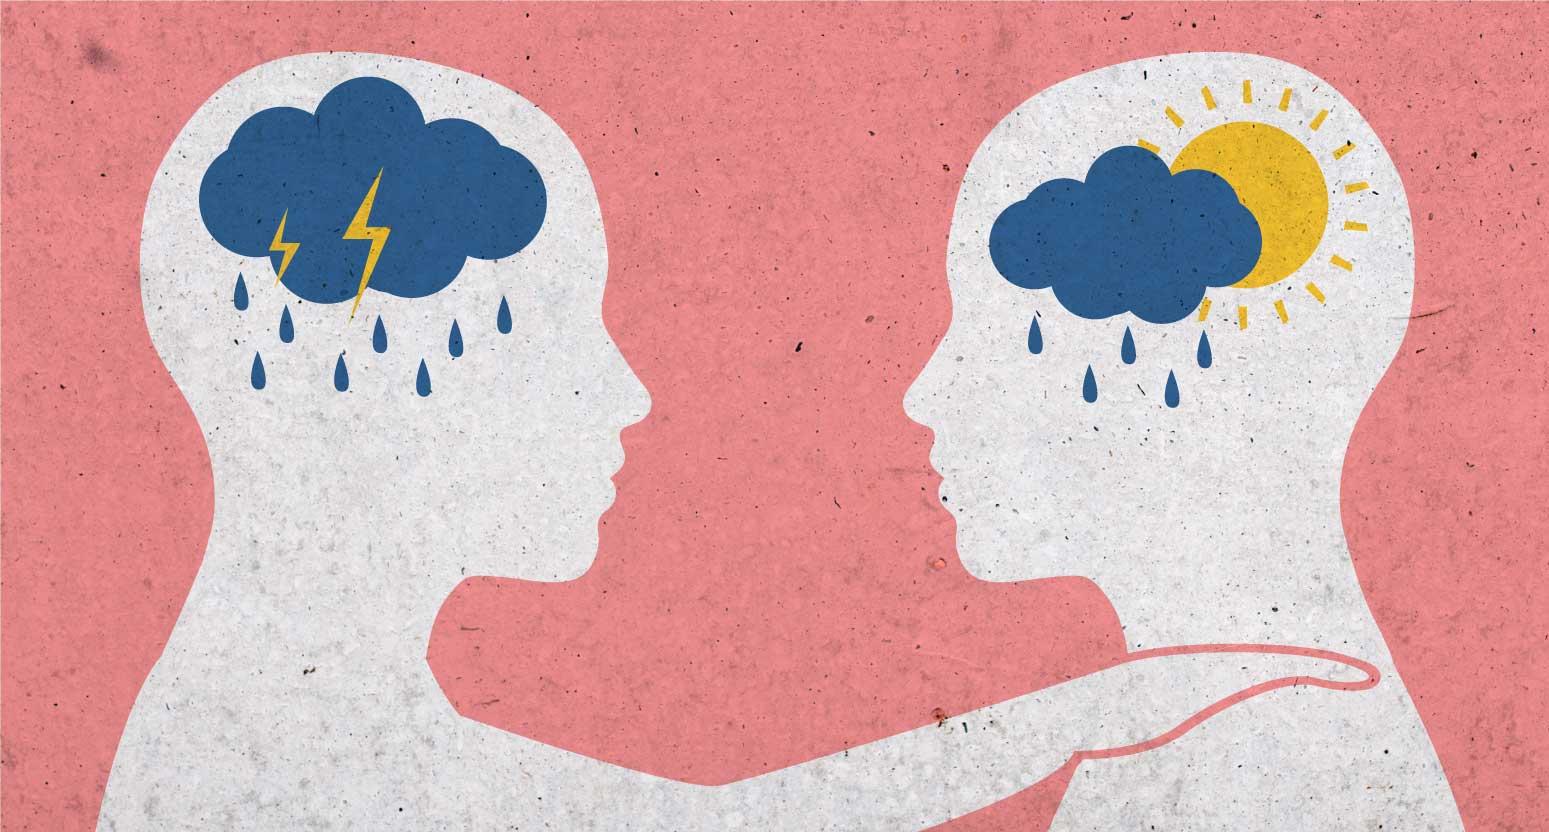 التعاطف والأخلاق والفضيلة - الاهتمام المتوازن بالذات والآخرين - القدرة على العيش التعاوني - تطور الاهتمام والتعاطف - الانشغال بمشاعر الآخرين